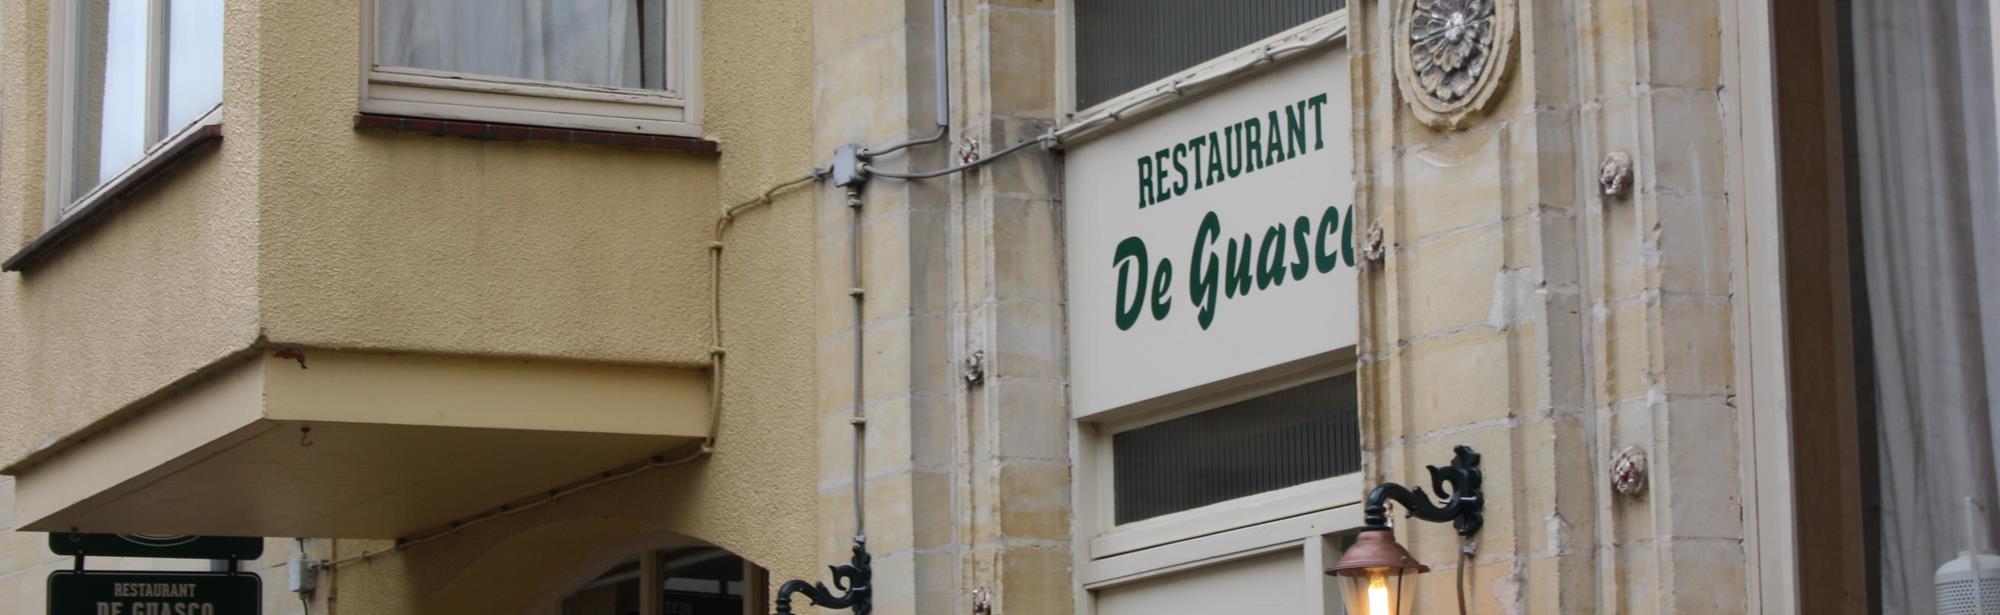 Hotel Restaurant De Guasco